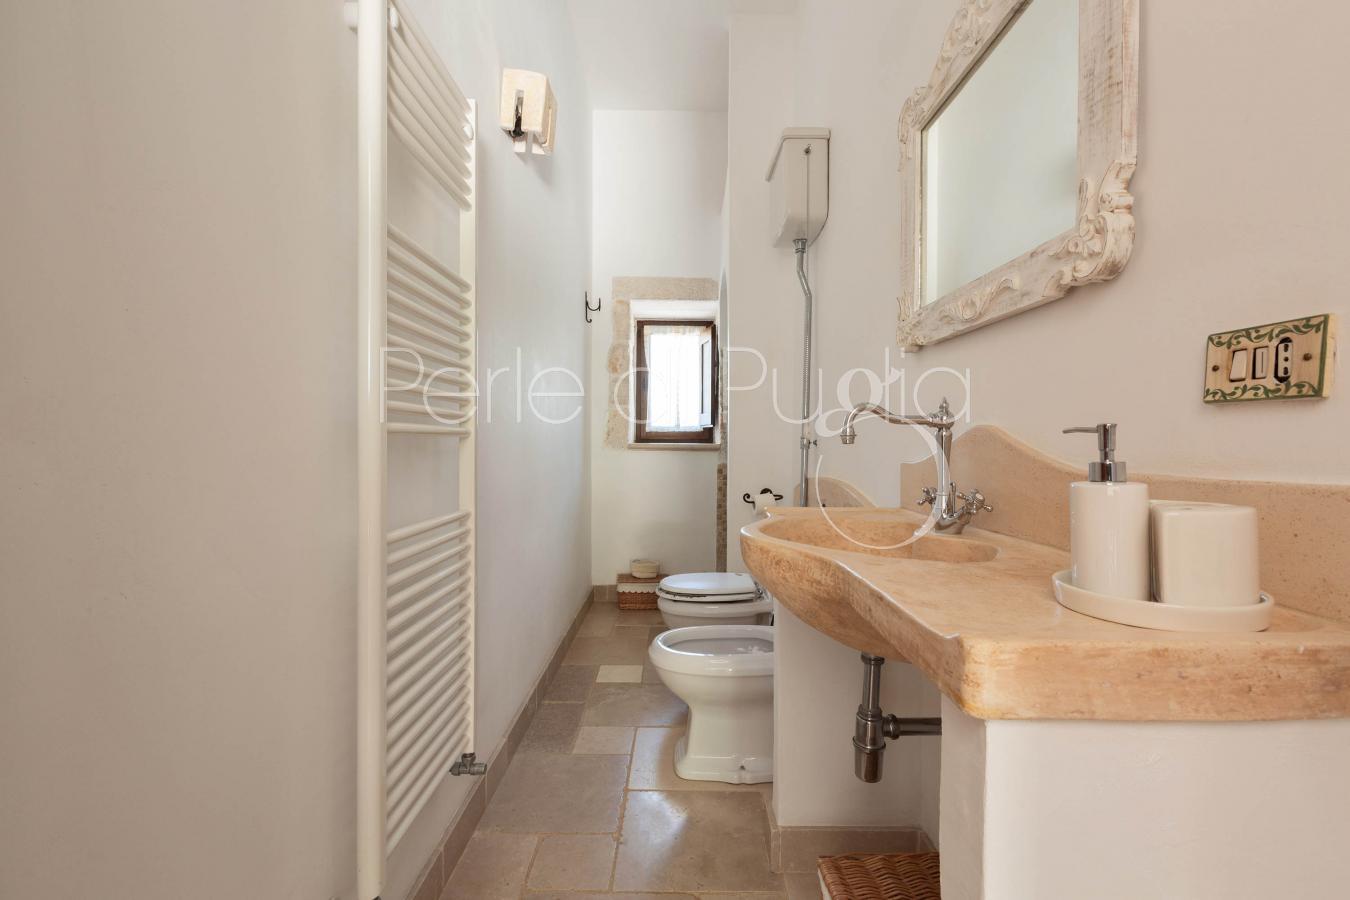 Trullo dei messapi villa di lusso con piscina e jacuzzi for Nuove case con suite suocera